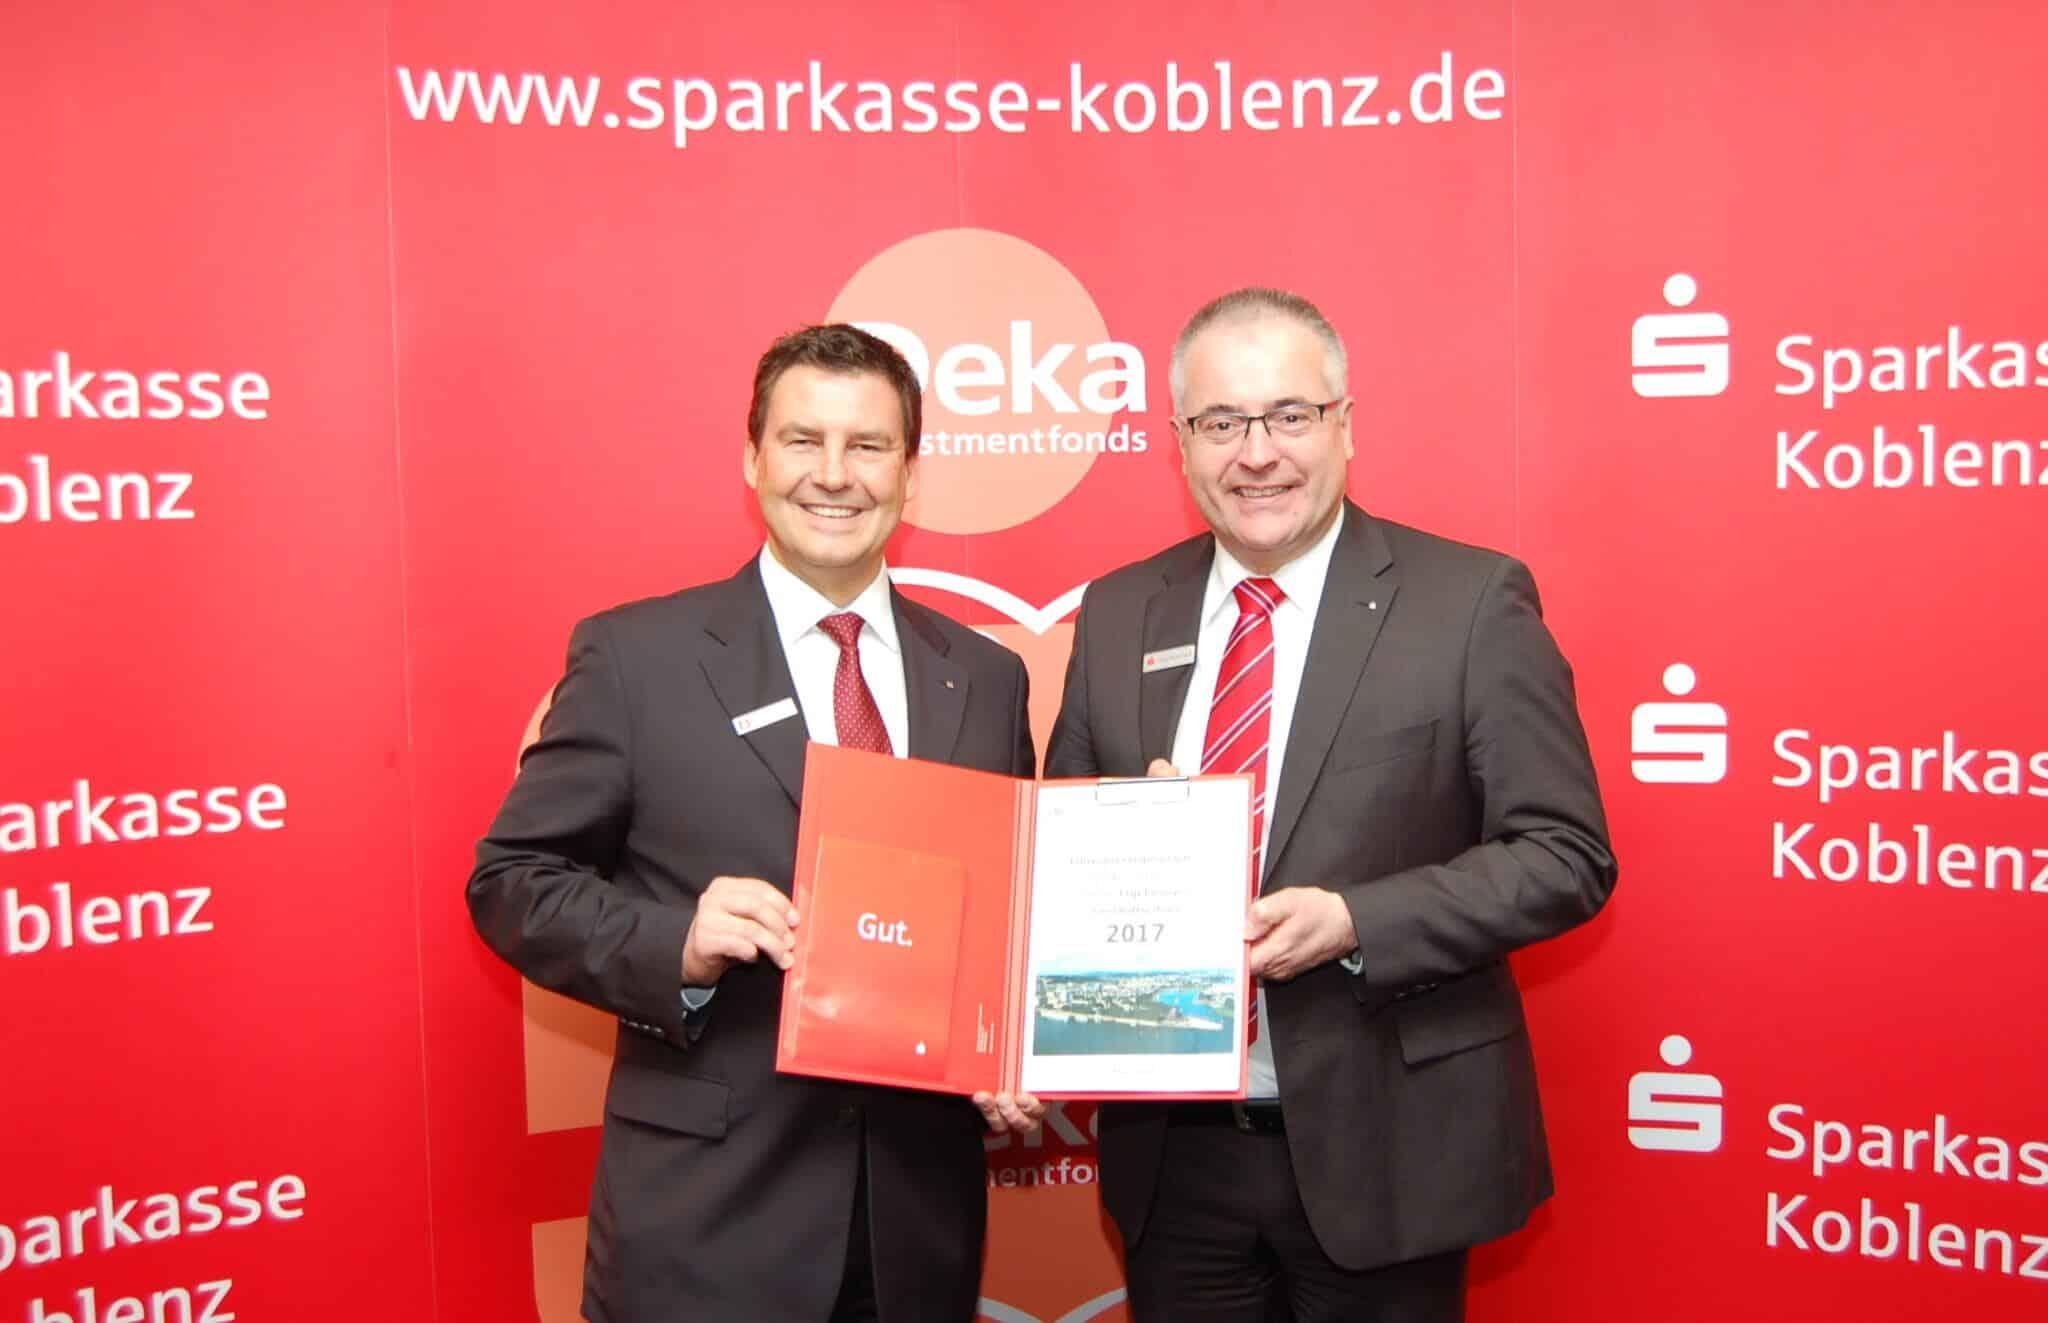 Blicken auf ein solides Geschäftsergebnis 2017: Matthias Nester, Vorstandsvorsitzender der Sparkasse Koblenz (im Bild links), und sein Vorstandskollege Jörg Perscheid.